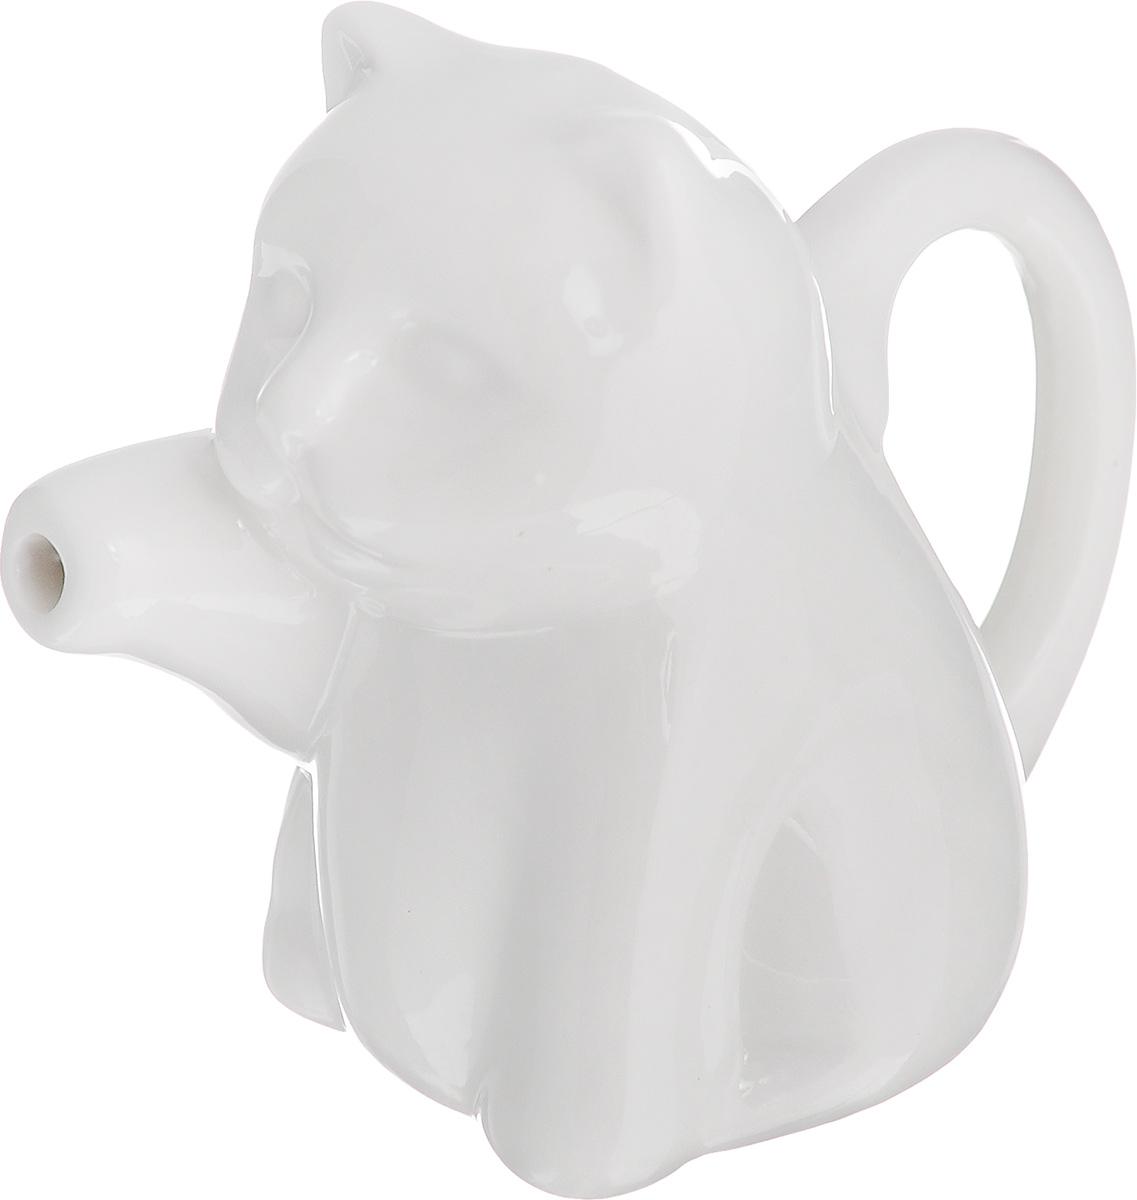 Молочник Walmer Саt, цвет: белый, 60 мл115510Молочник Walmer Саt, изготовленный из высококачественного фарфора, предназначен для подачи сливок, соуса и молока. Изящный, но в тоже время простой дизайн молочника, станет прекрасным украшением стола. Размер молочника: 9 х 5 х 7,5 см.